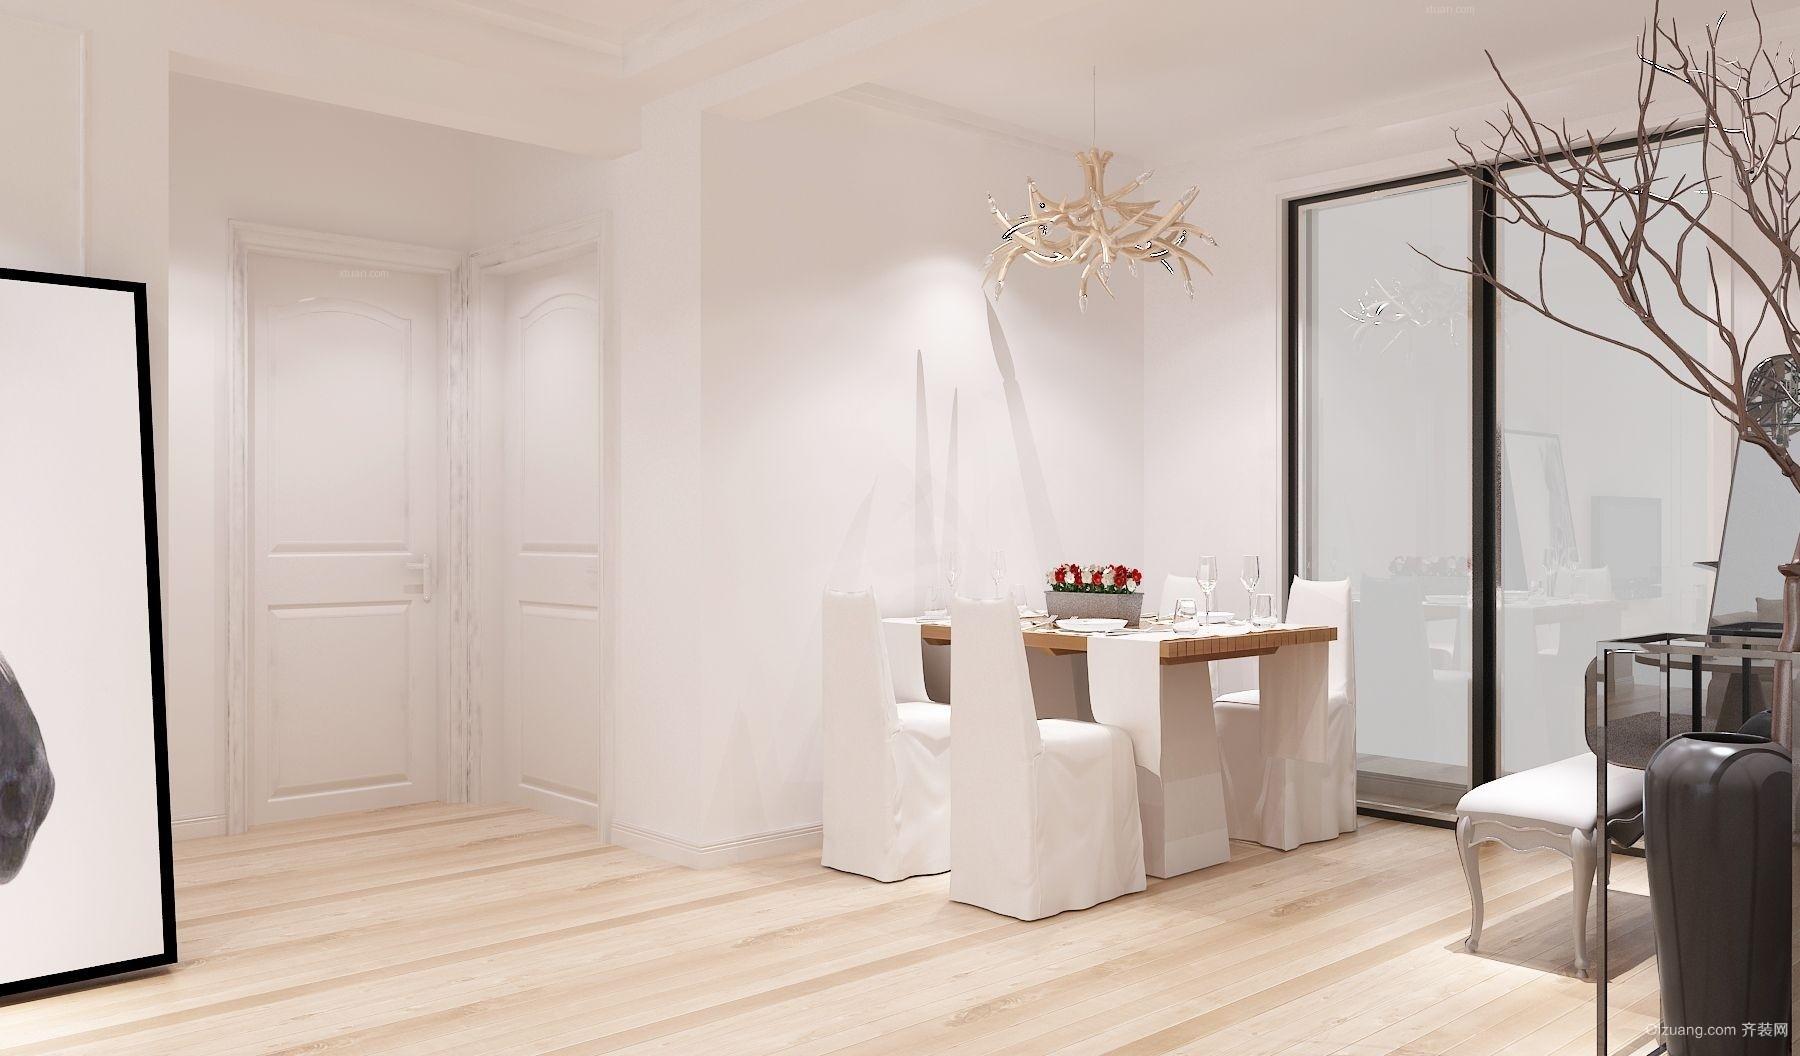 2016白色简约小公寓餐厅设计装修效果图